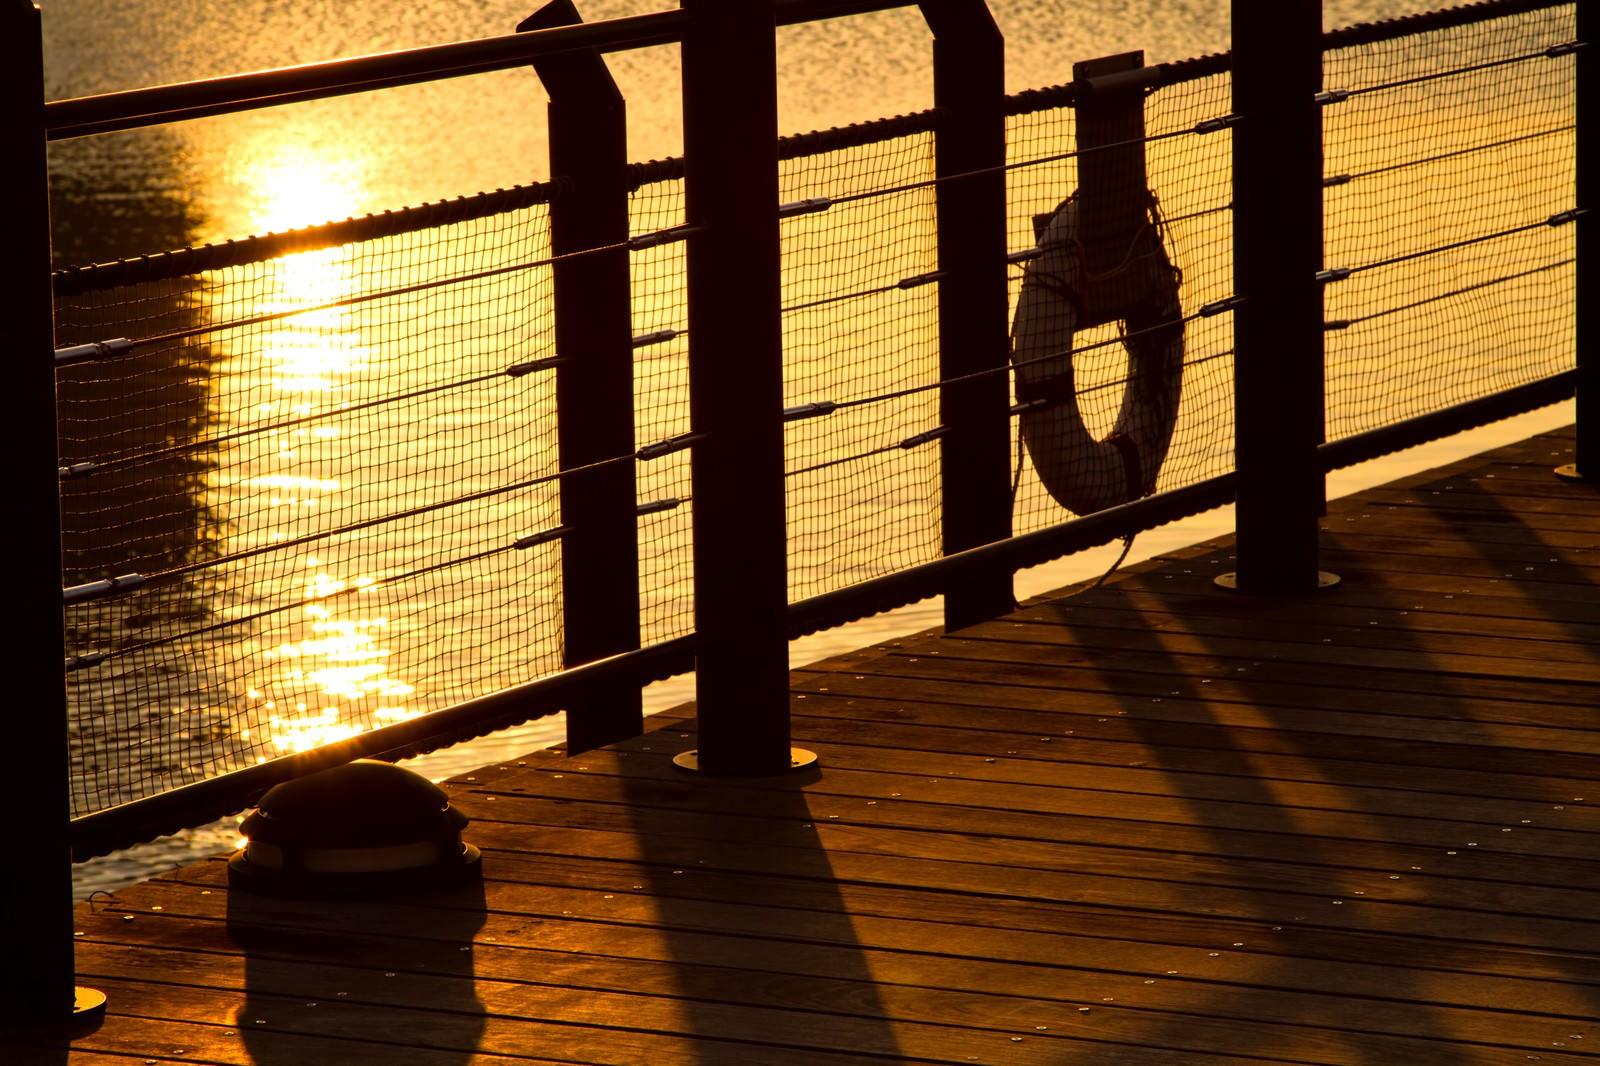 「夕暮れの海とシルエット」の写真